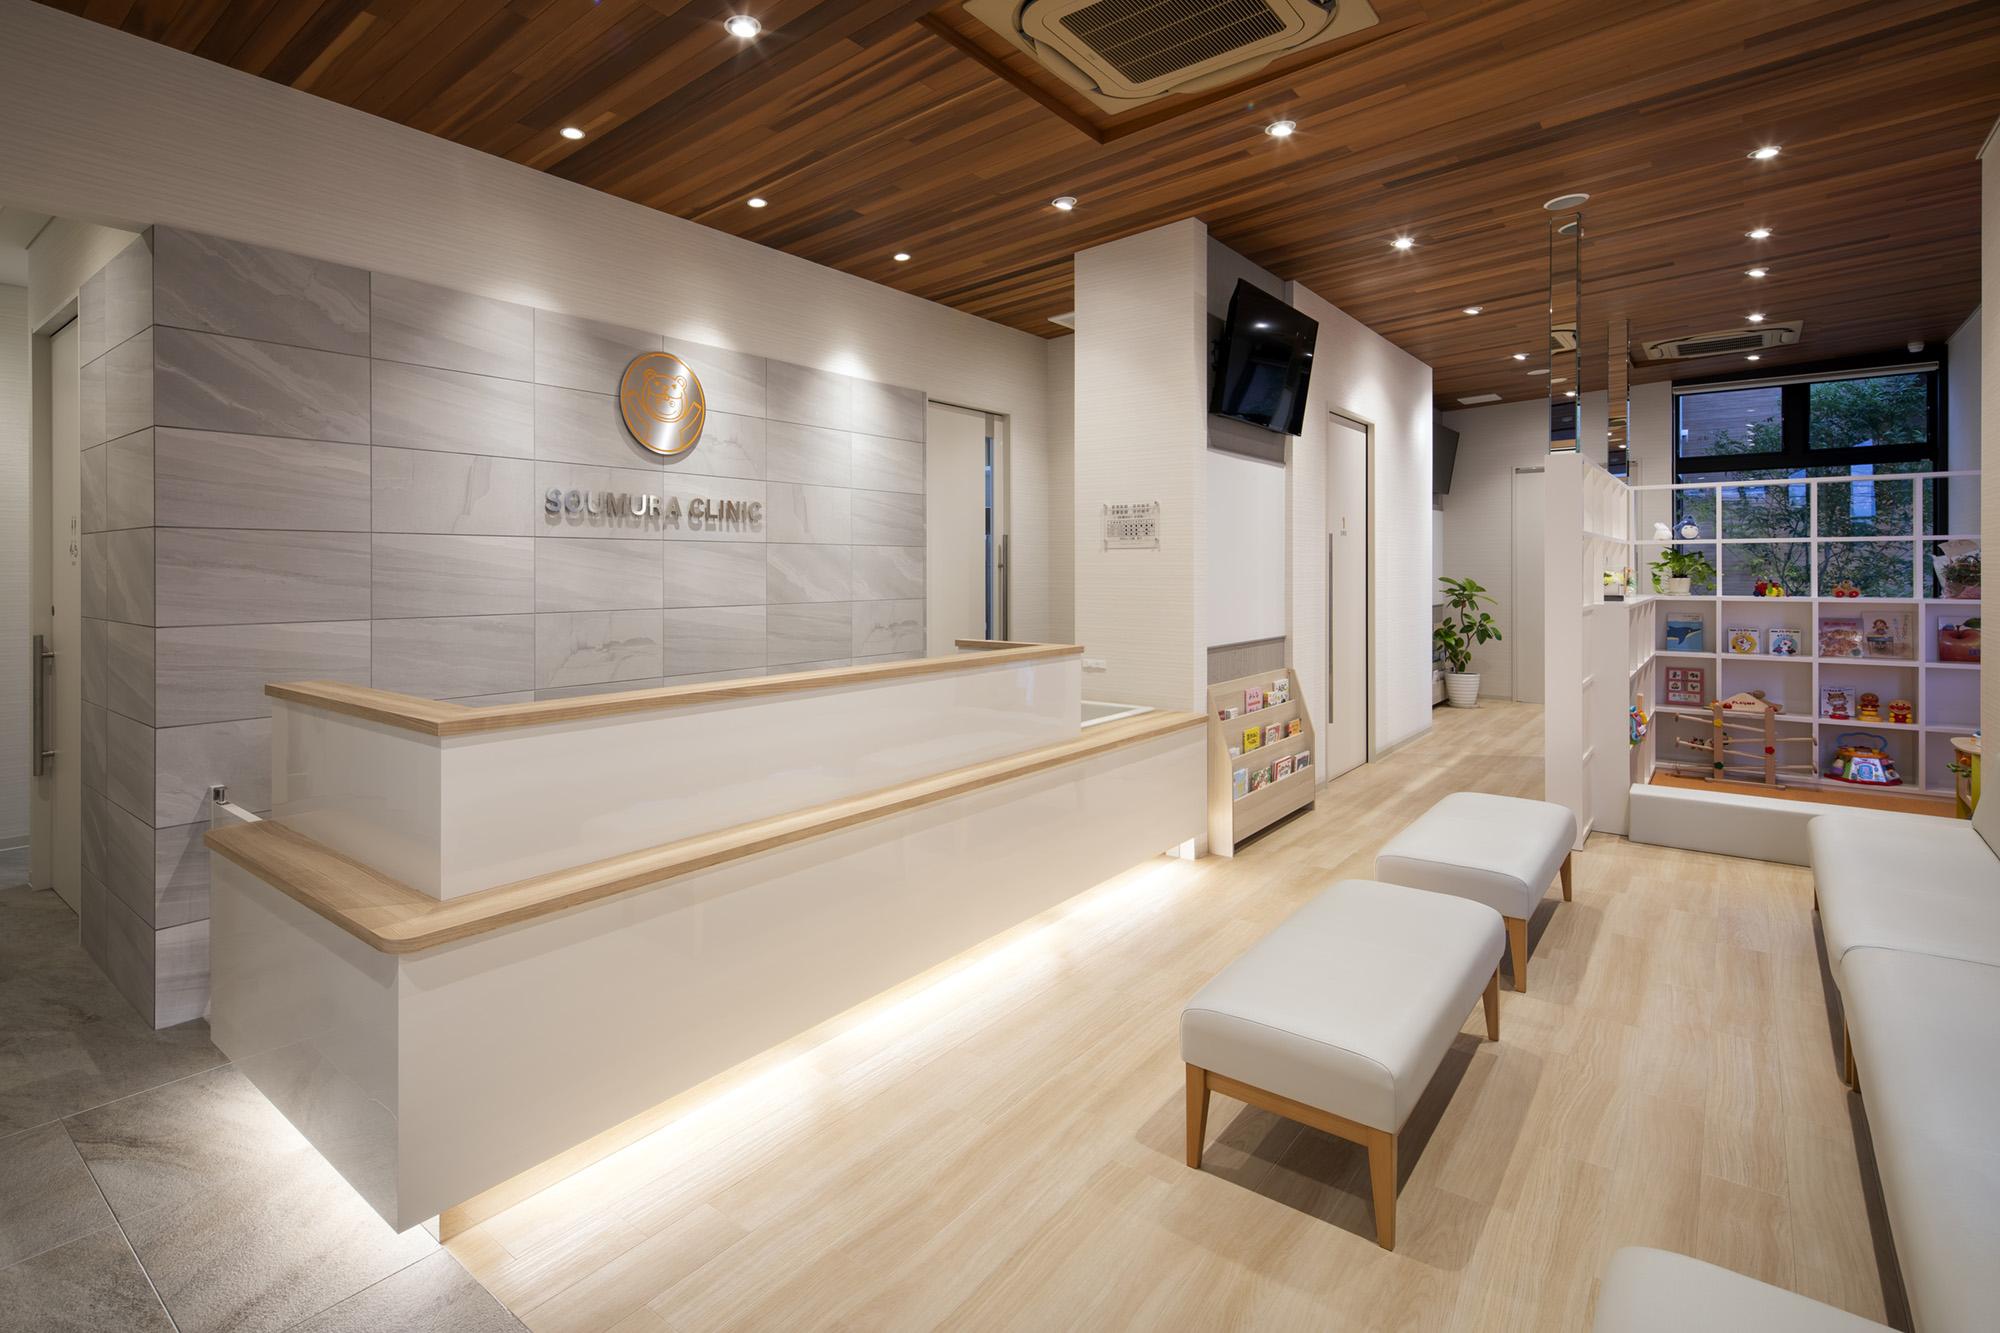 江坂下肢静脈瘤クリニック 東京中央美容外科